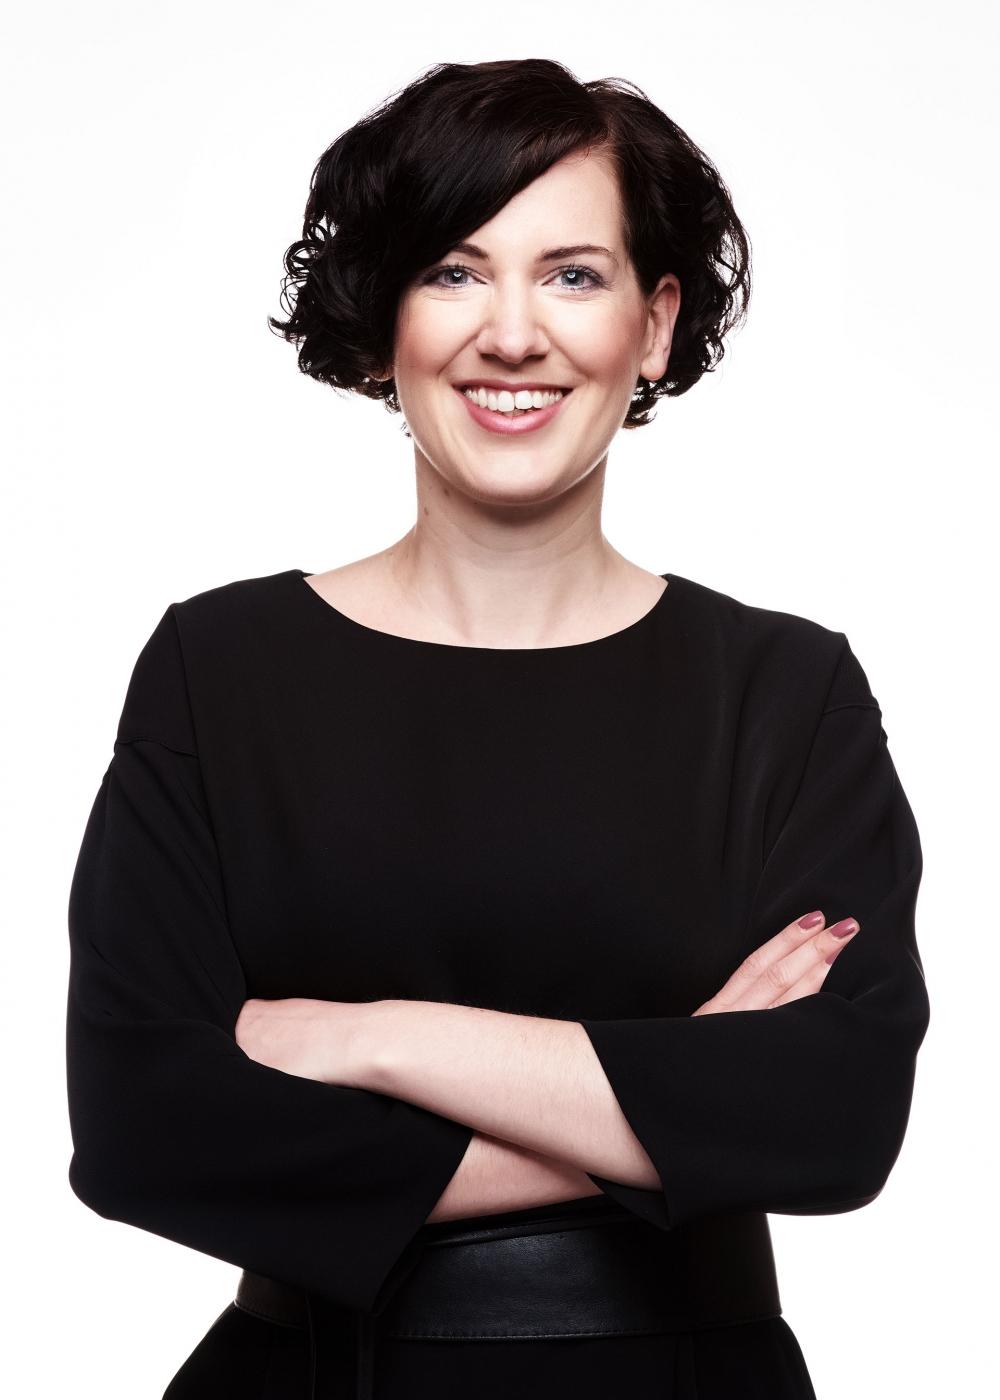 Fotograf Fürth News, Headshot, exklusive Bewerbungsfotos, Business Portrait